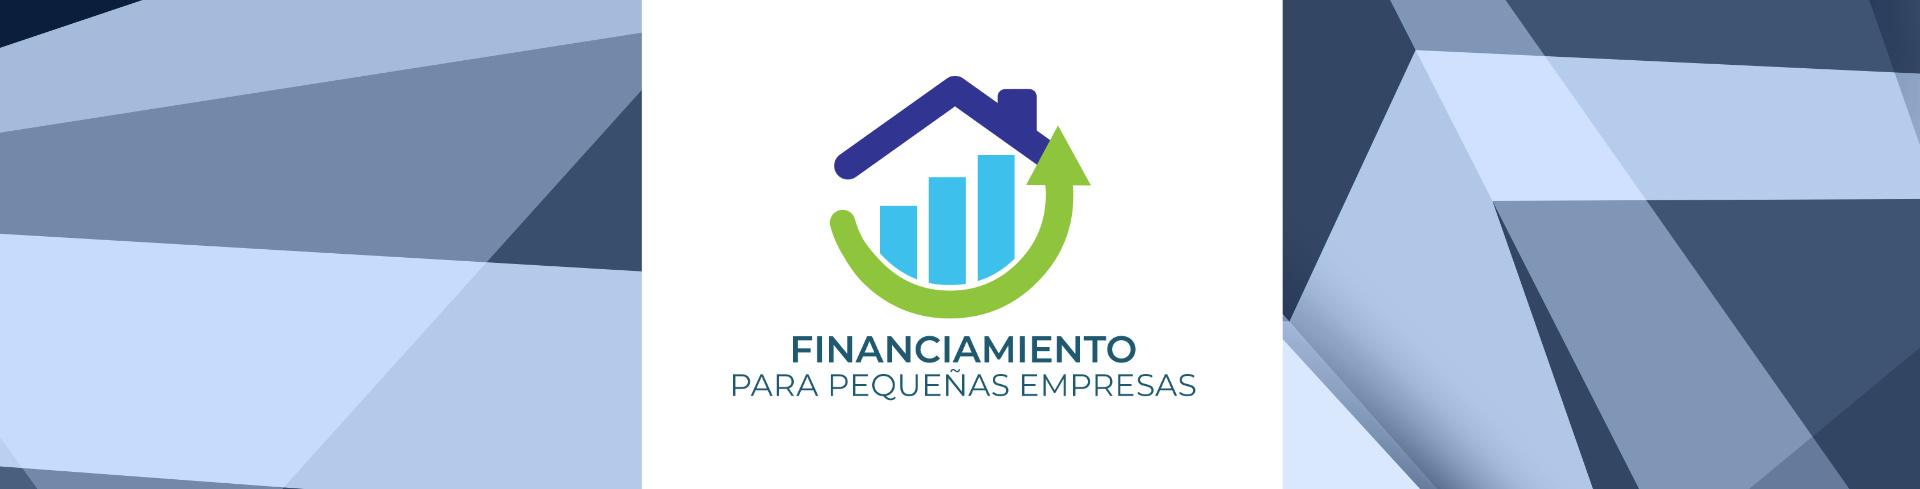 Financiamiento para pequeñas empresas